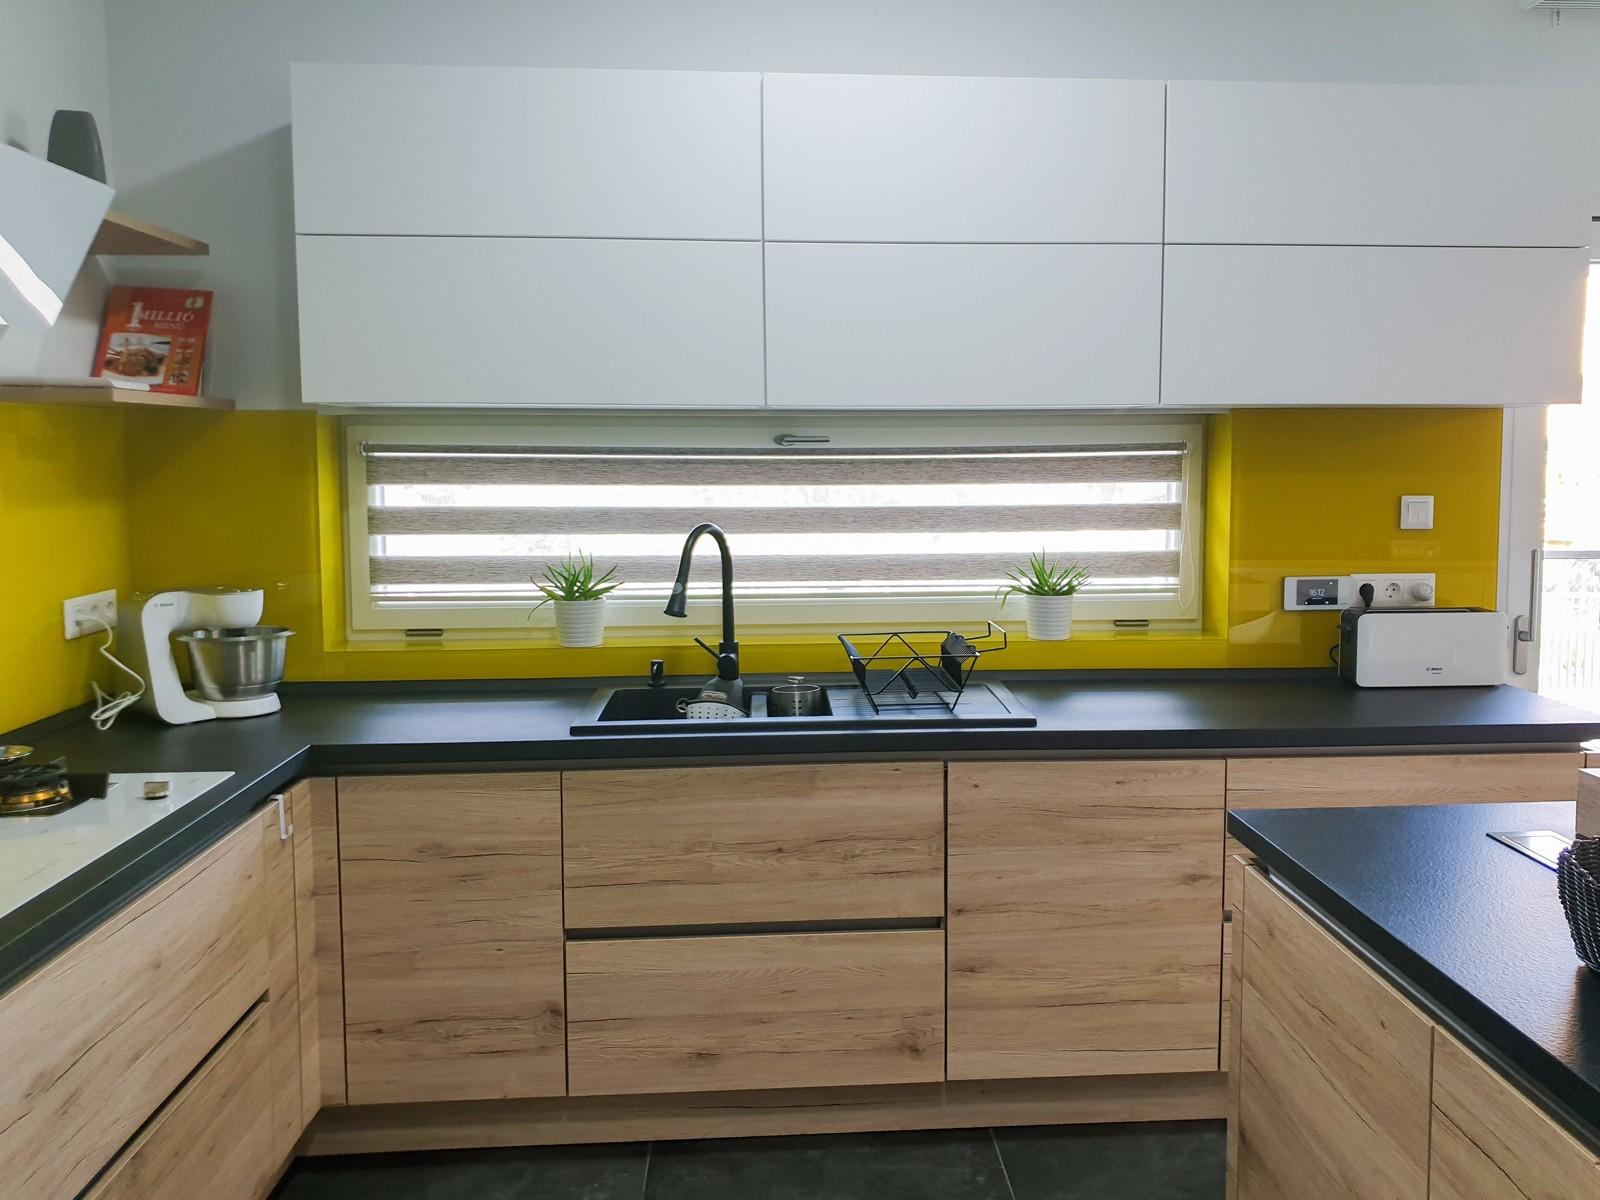 Referință - Bucătărie modernă Nobilia Riva / Touch - Alb / Stejar Sanremo